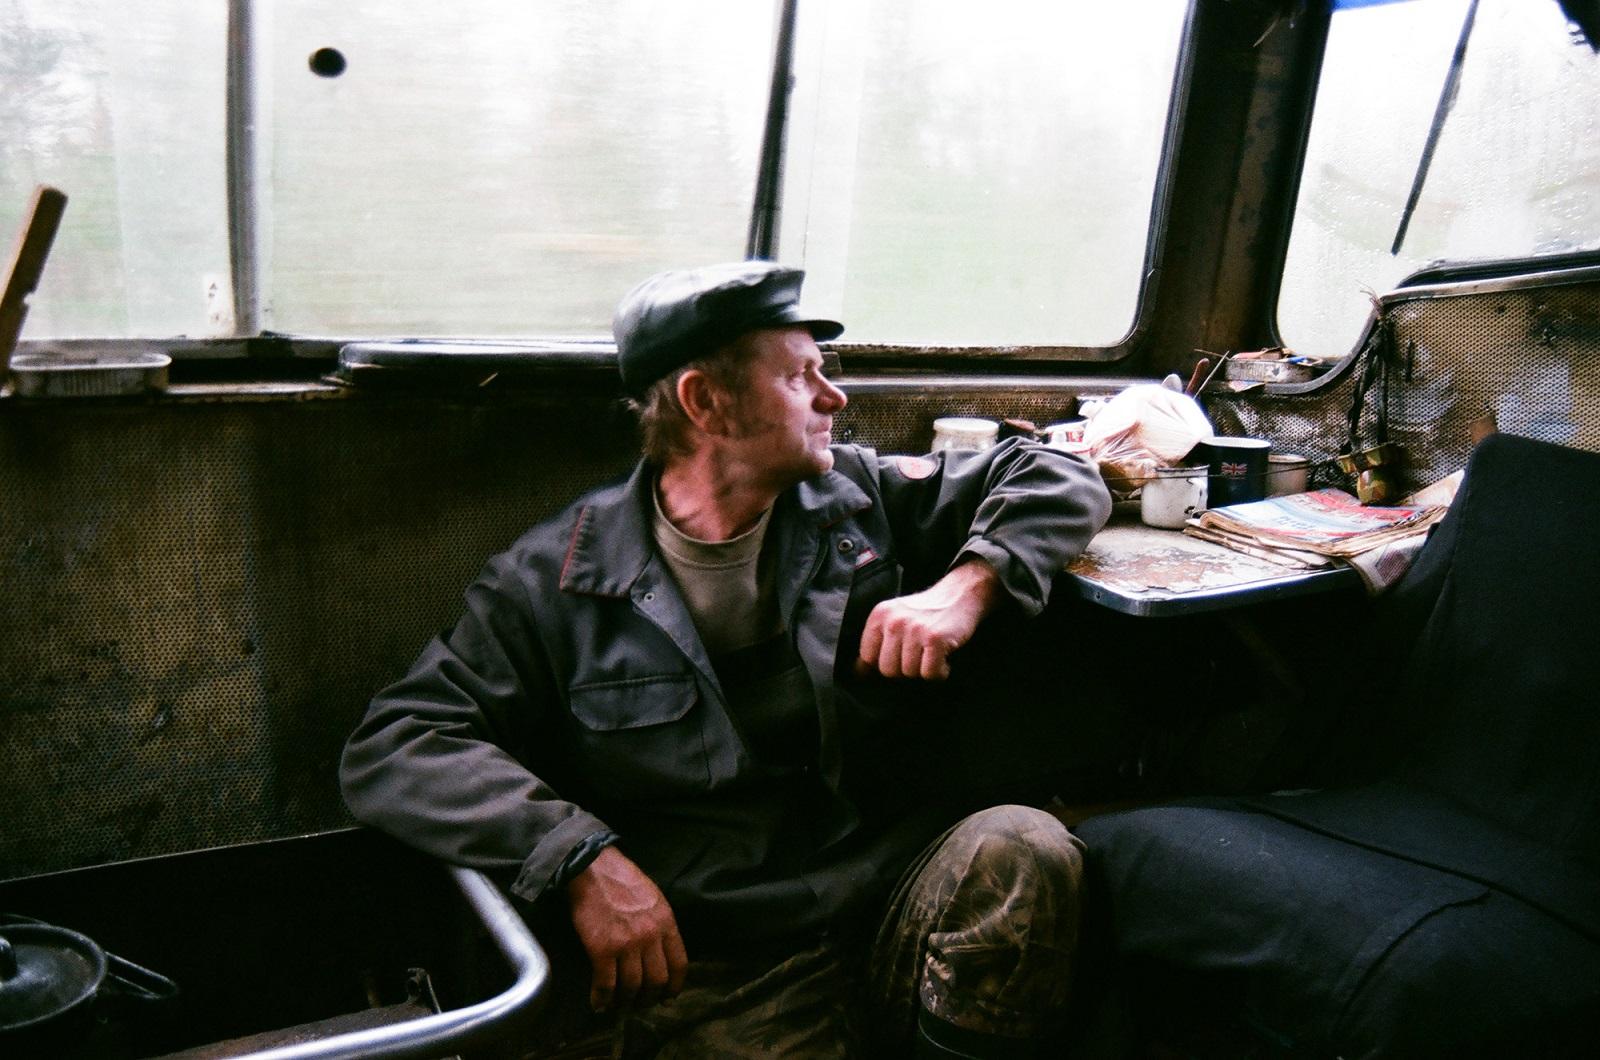 """Djadja (dt. """"Onkel"""") Sascha, der Helfer des Zugführers, erzählt, wie sie einmal über ein altes Funkgerät auf den Kanal von Bewässerungsarbeitern in Kasachstan stießen und sich mit ihnen über das Wetter austauschten"""